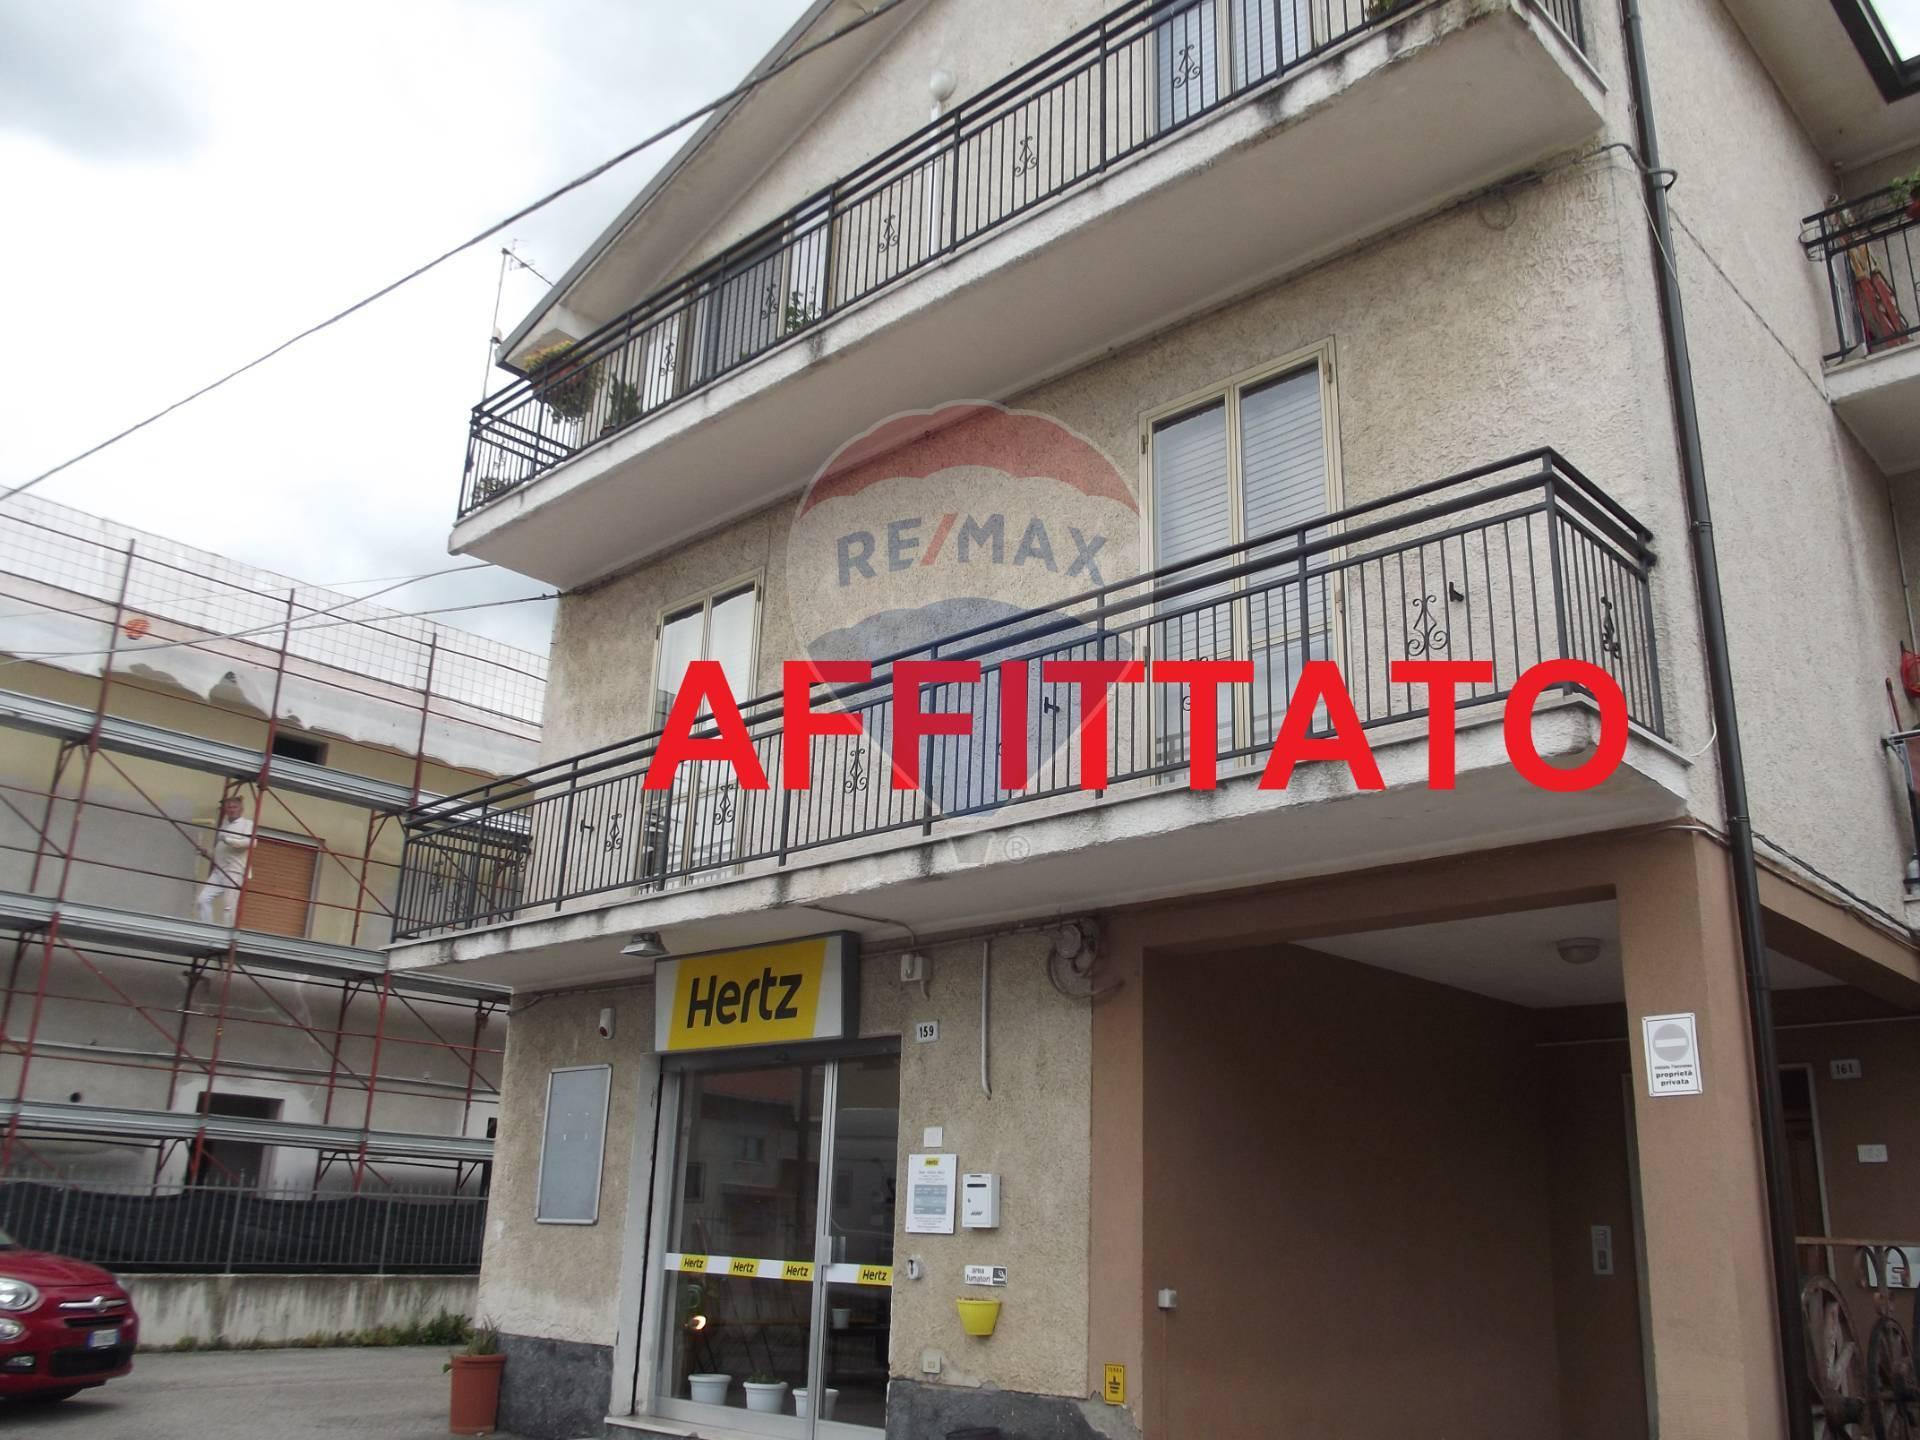 Appartamento in affitto a Lanciano, 6 locali, prezzo € 450 | CambioCasa.it